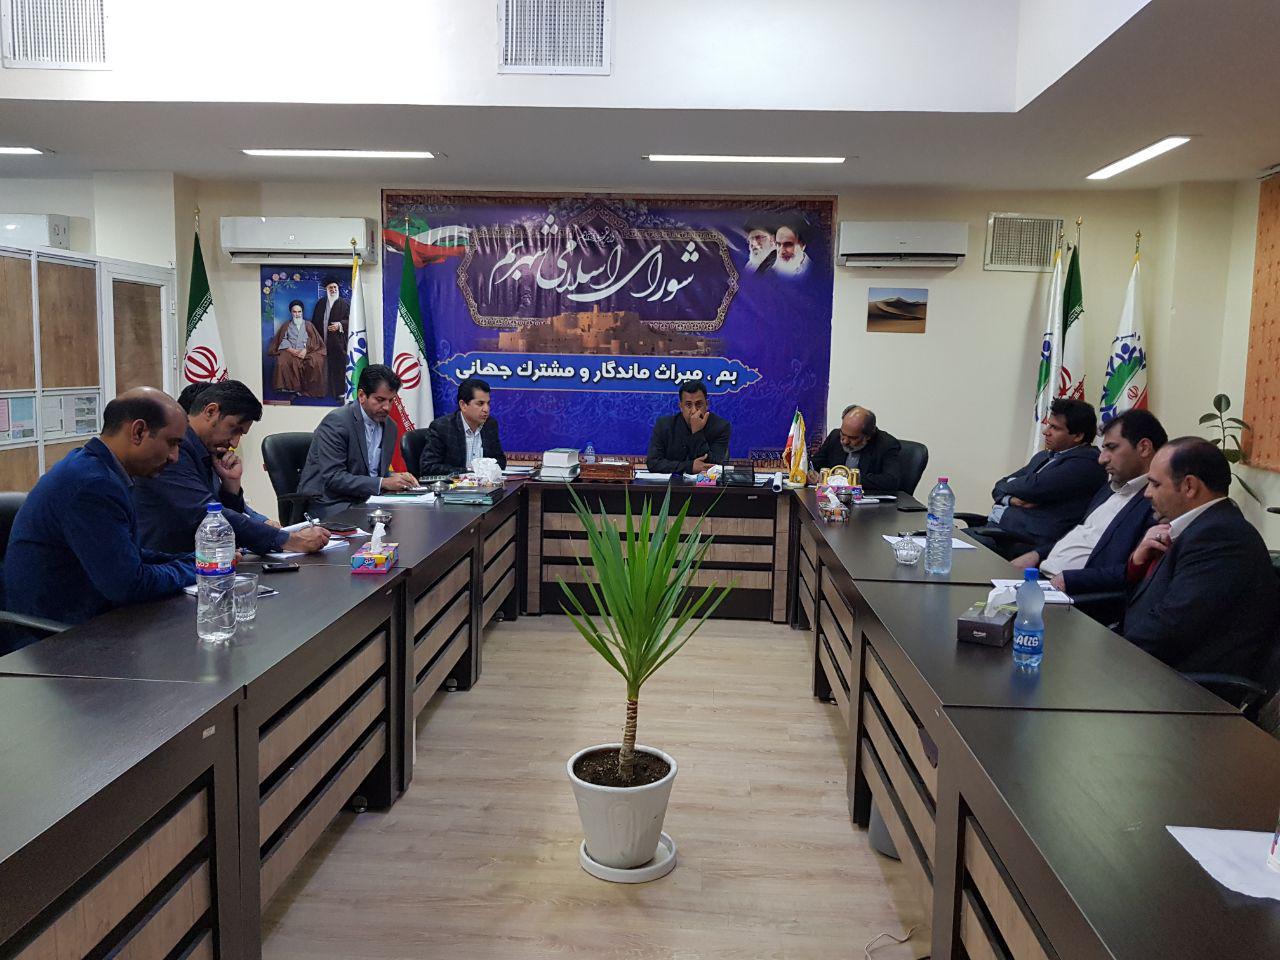 گزارش جلسه علنی شورای اسلامی شهر بم در تاریخ ۹۷/۱۱/۰۱